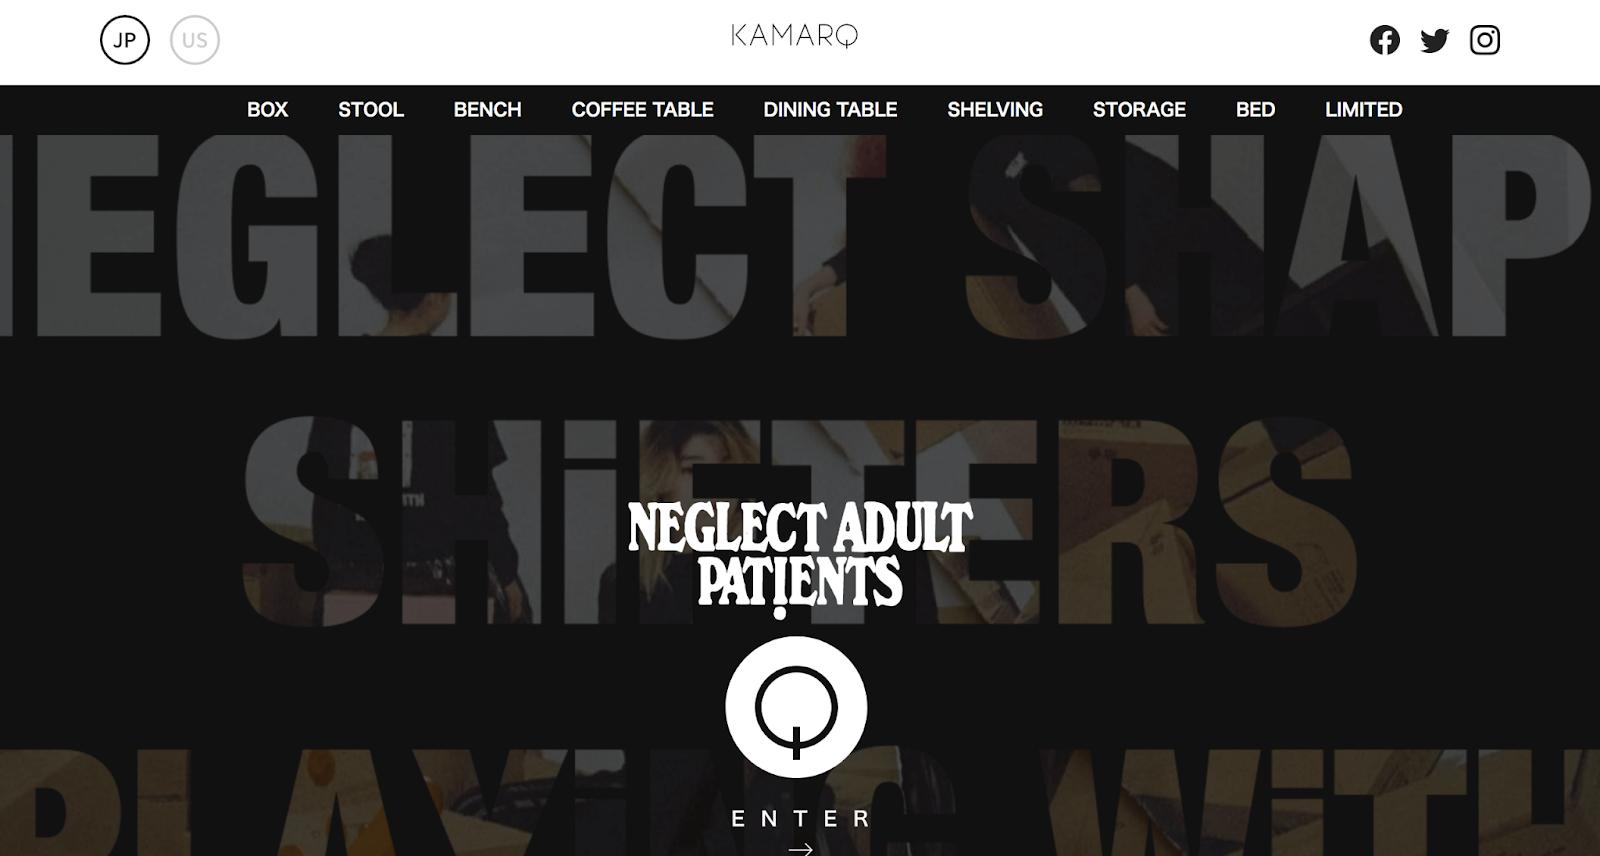 KAMARQ ホームページ